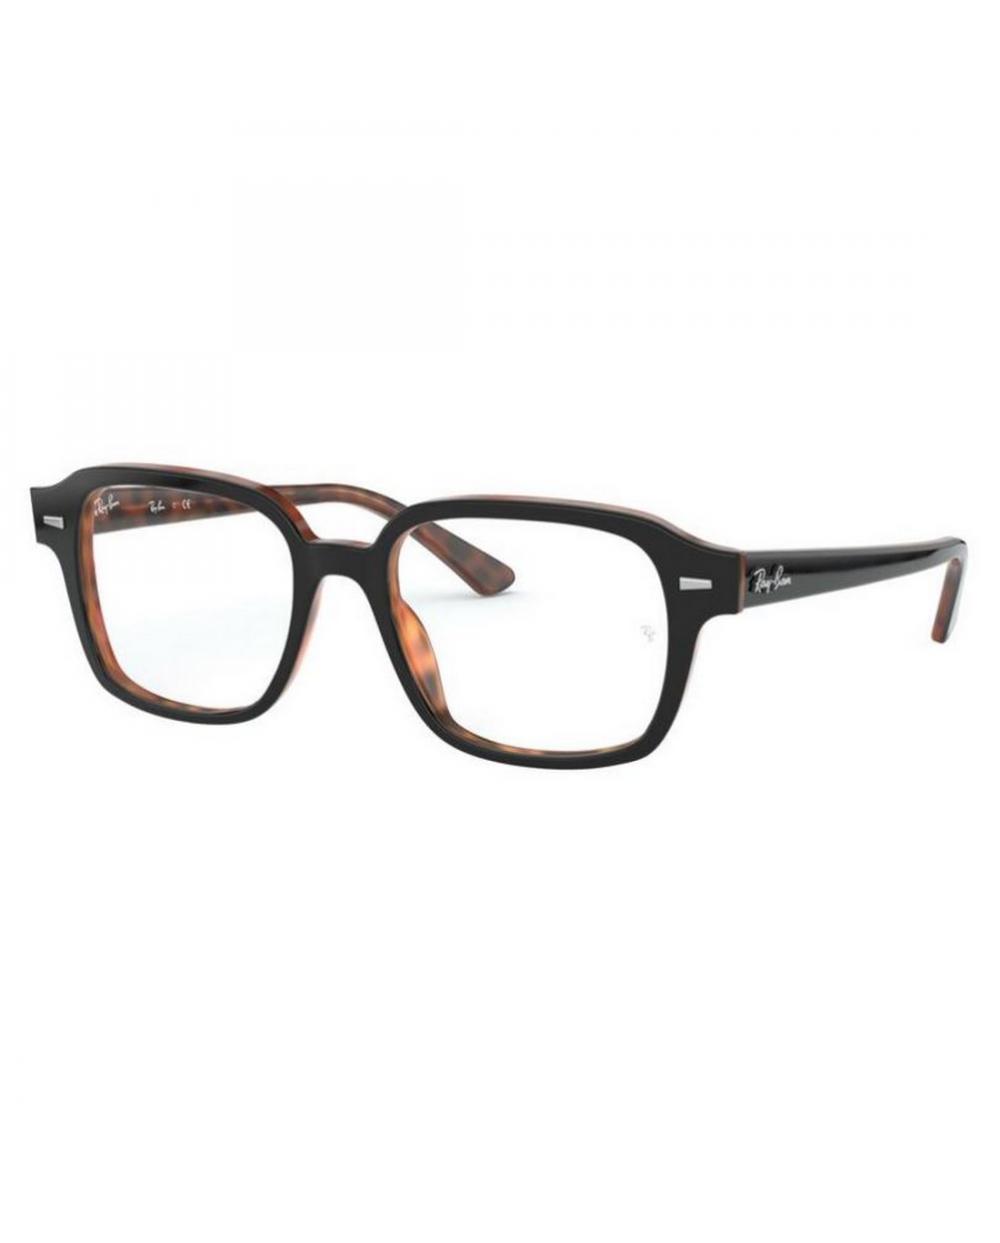 Brille von vista Ray Ban RX 5382V originalverpackung garantie Italien